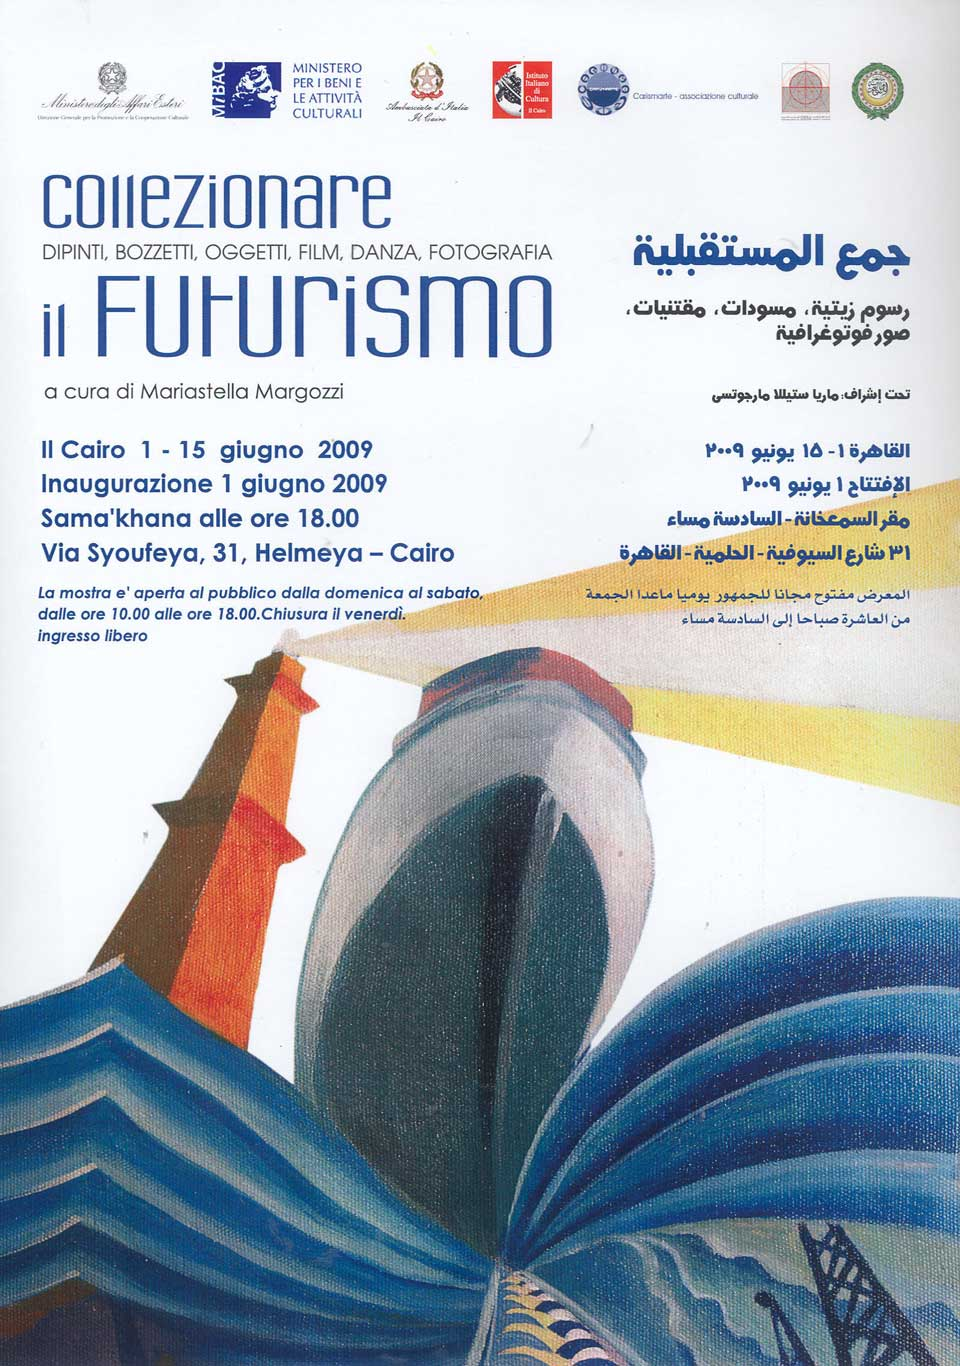 futurismo-estudio-creativo-002